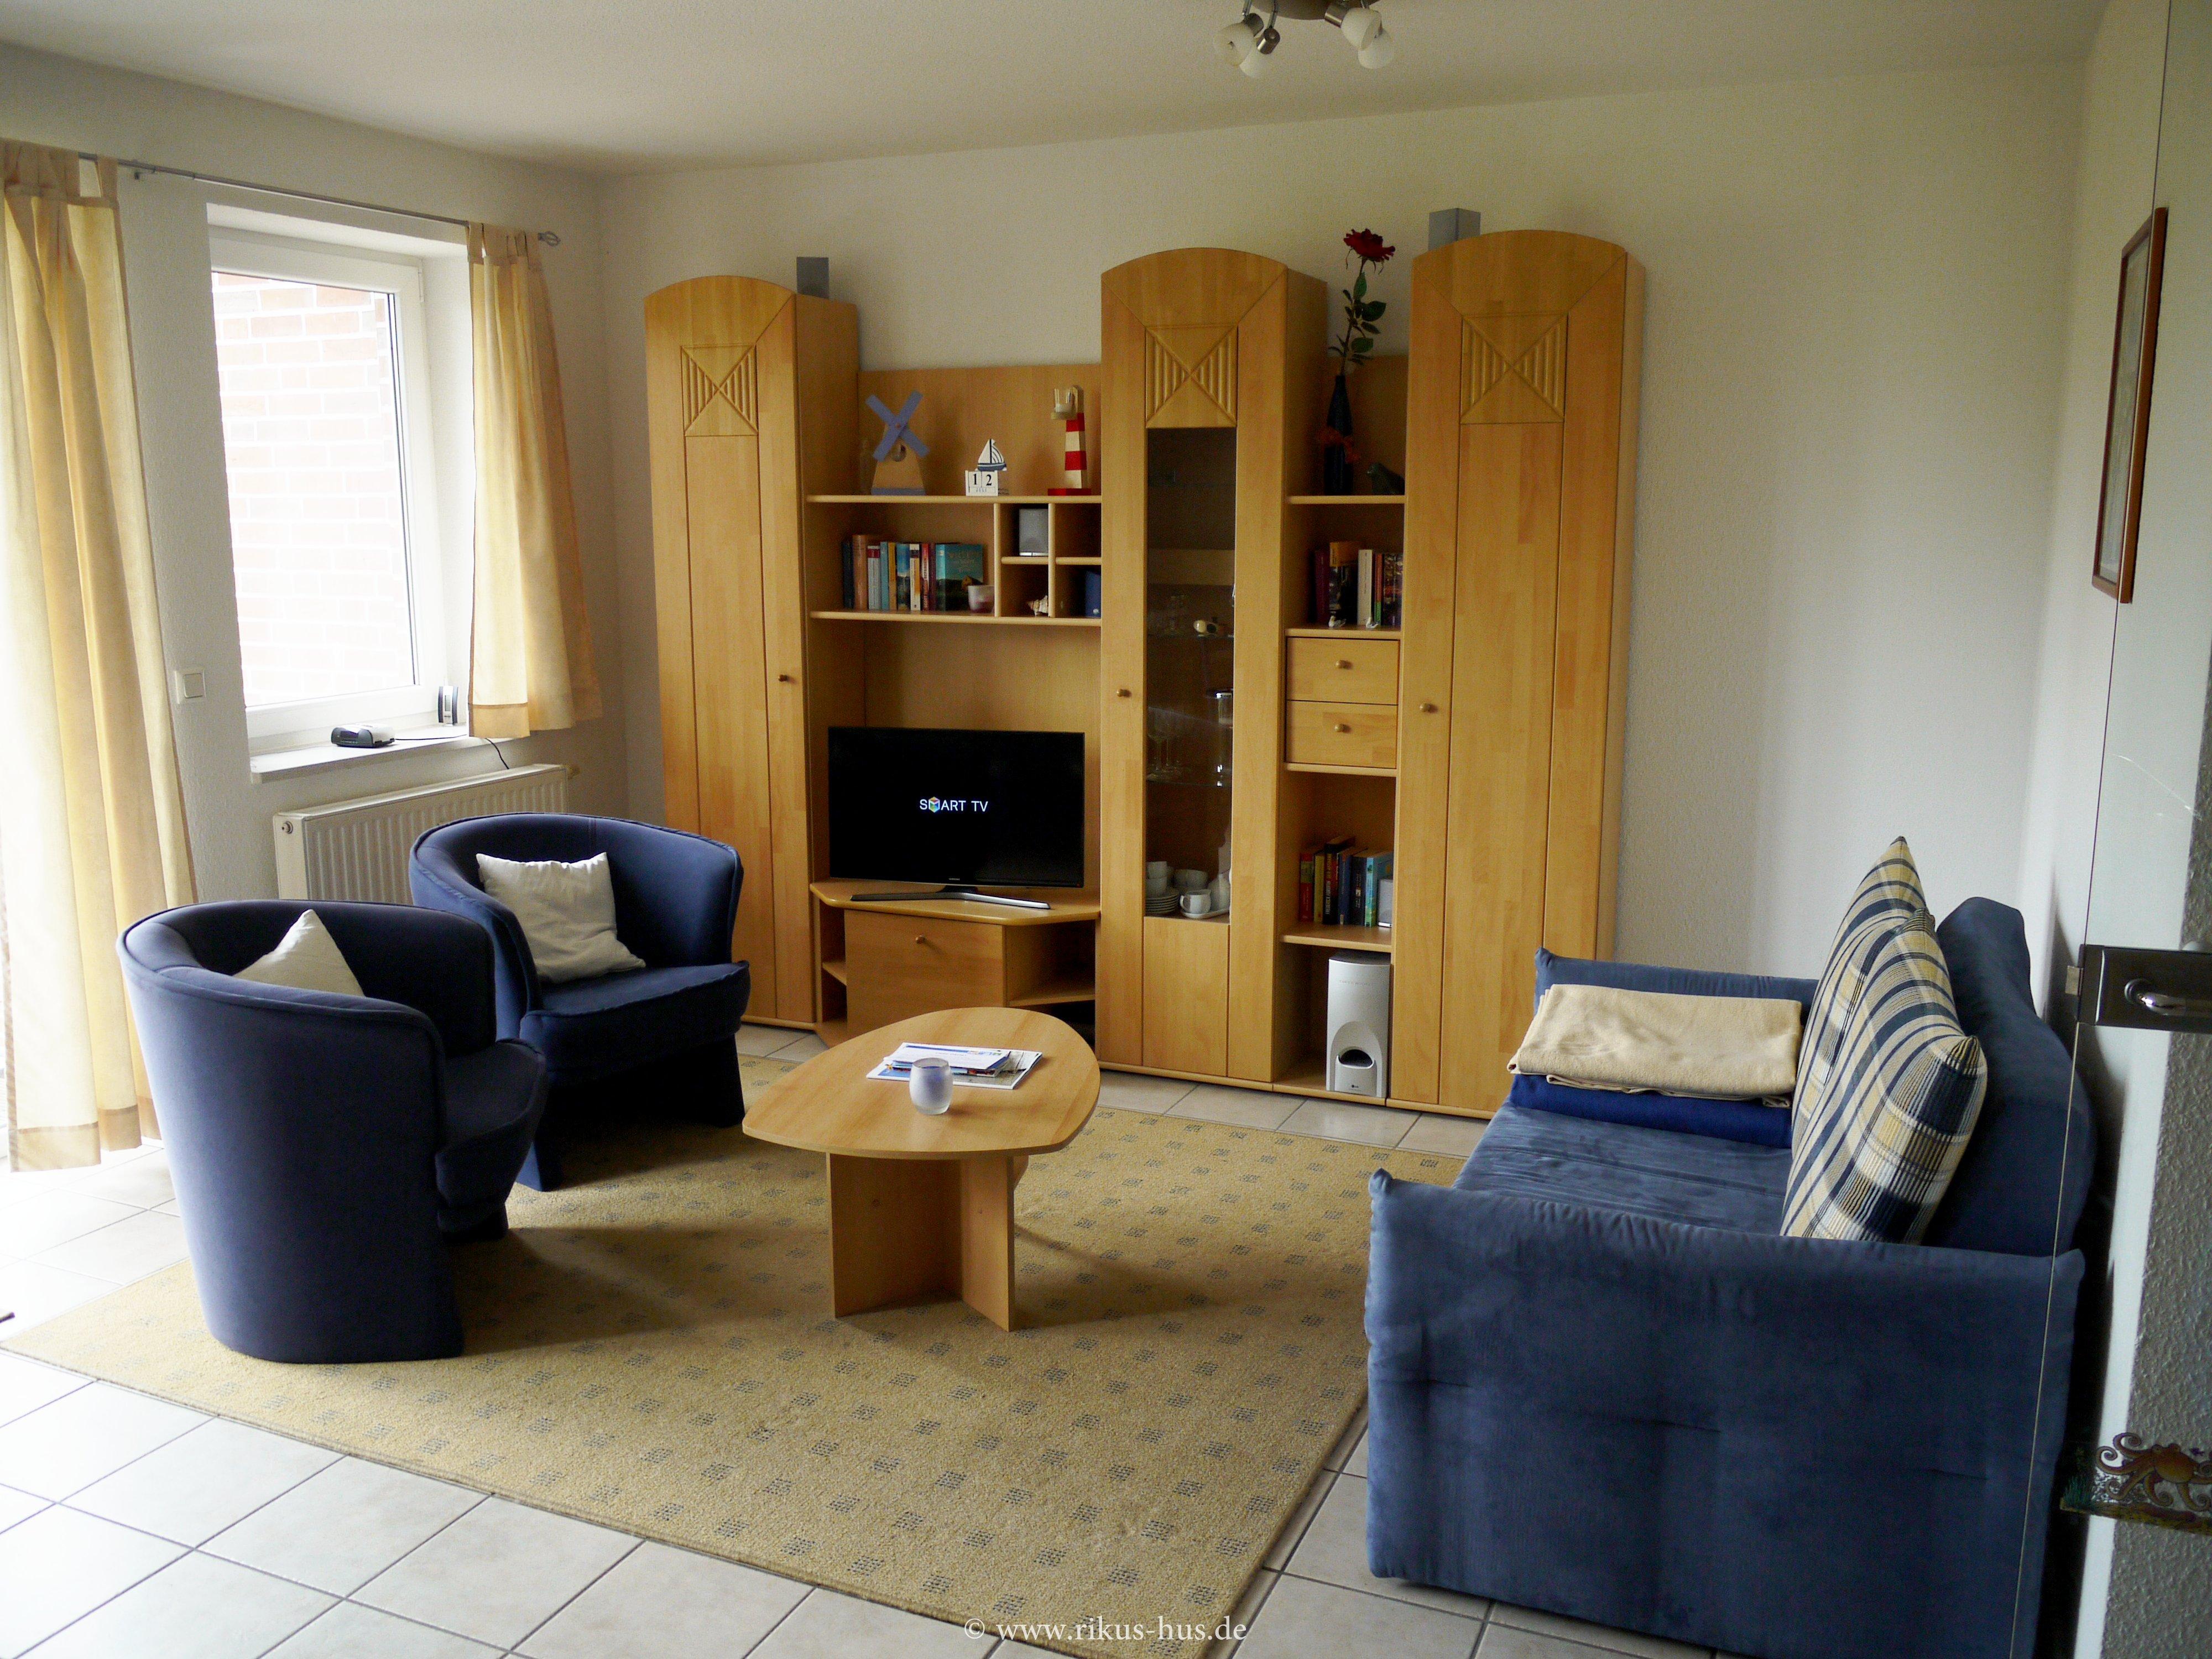 wohn essbereich k che rikus hus. Black Bedroom Furniture Sets. Home Design Ideas